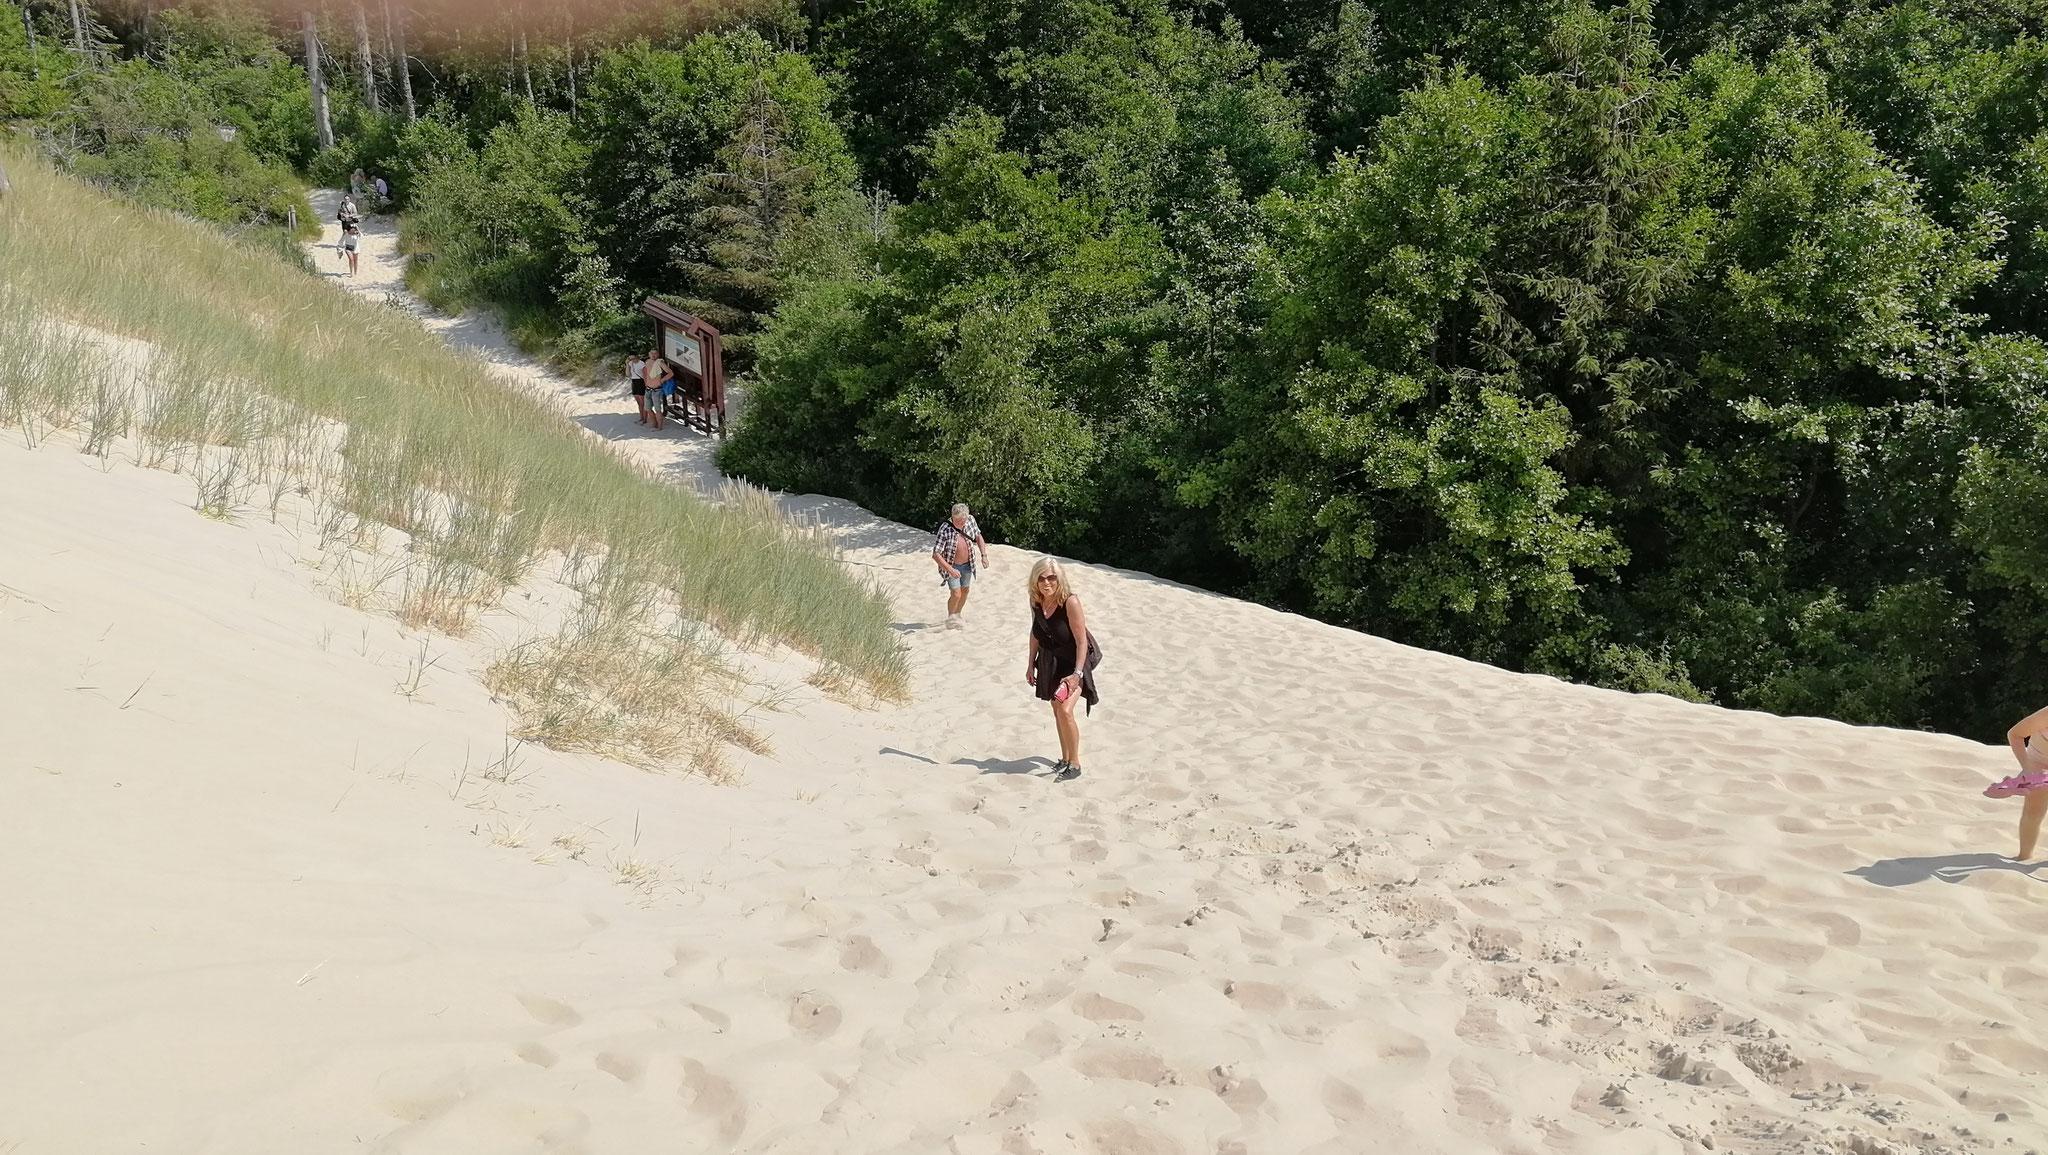 ganz schön steil im weichen Sand